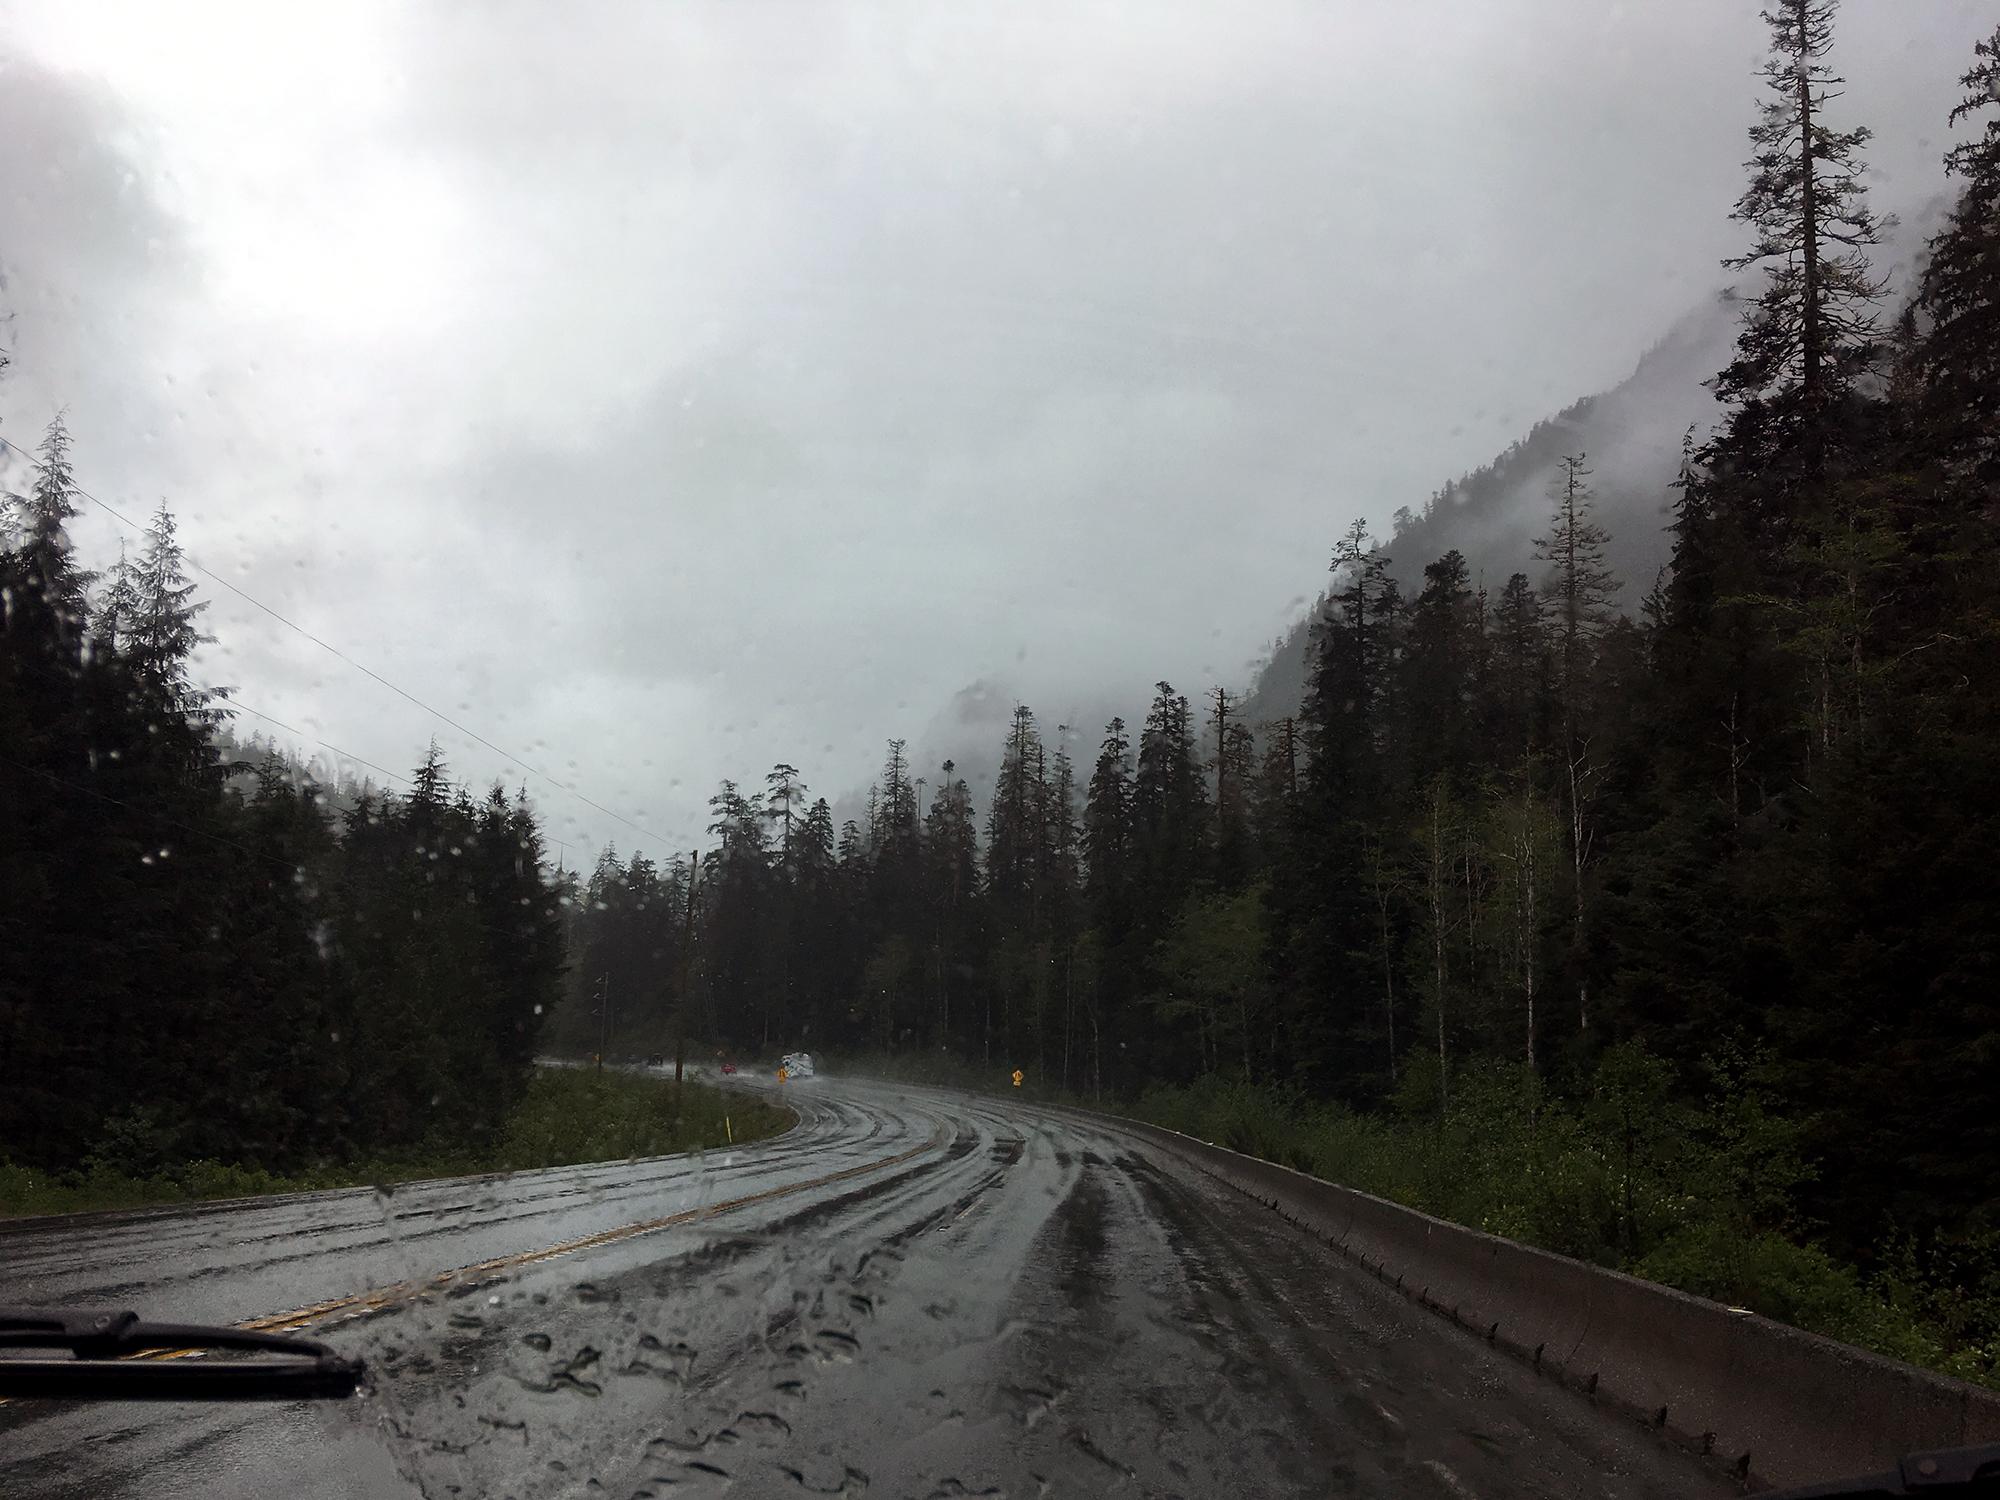 Generic Van Life - Vancouver Island Highway 4